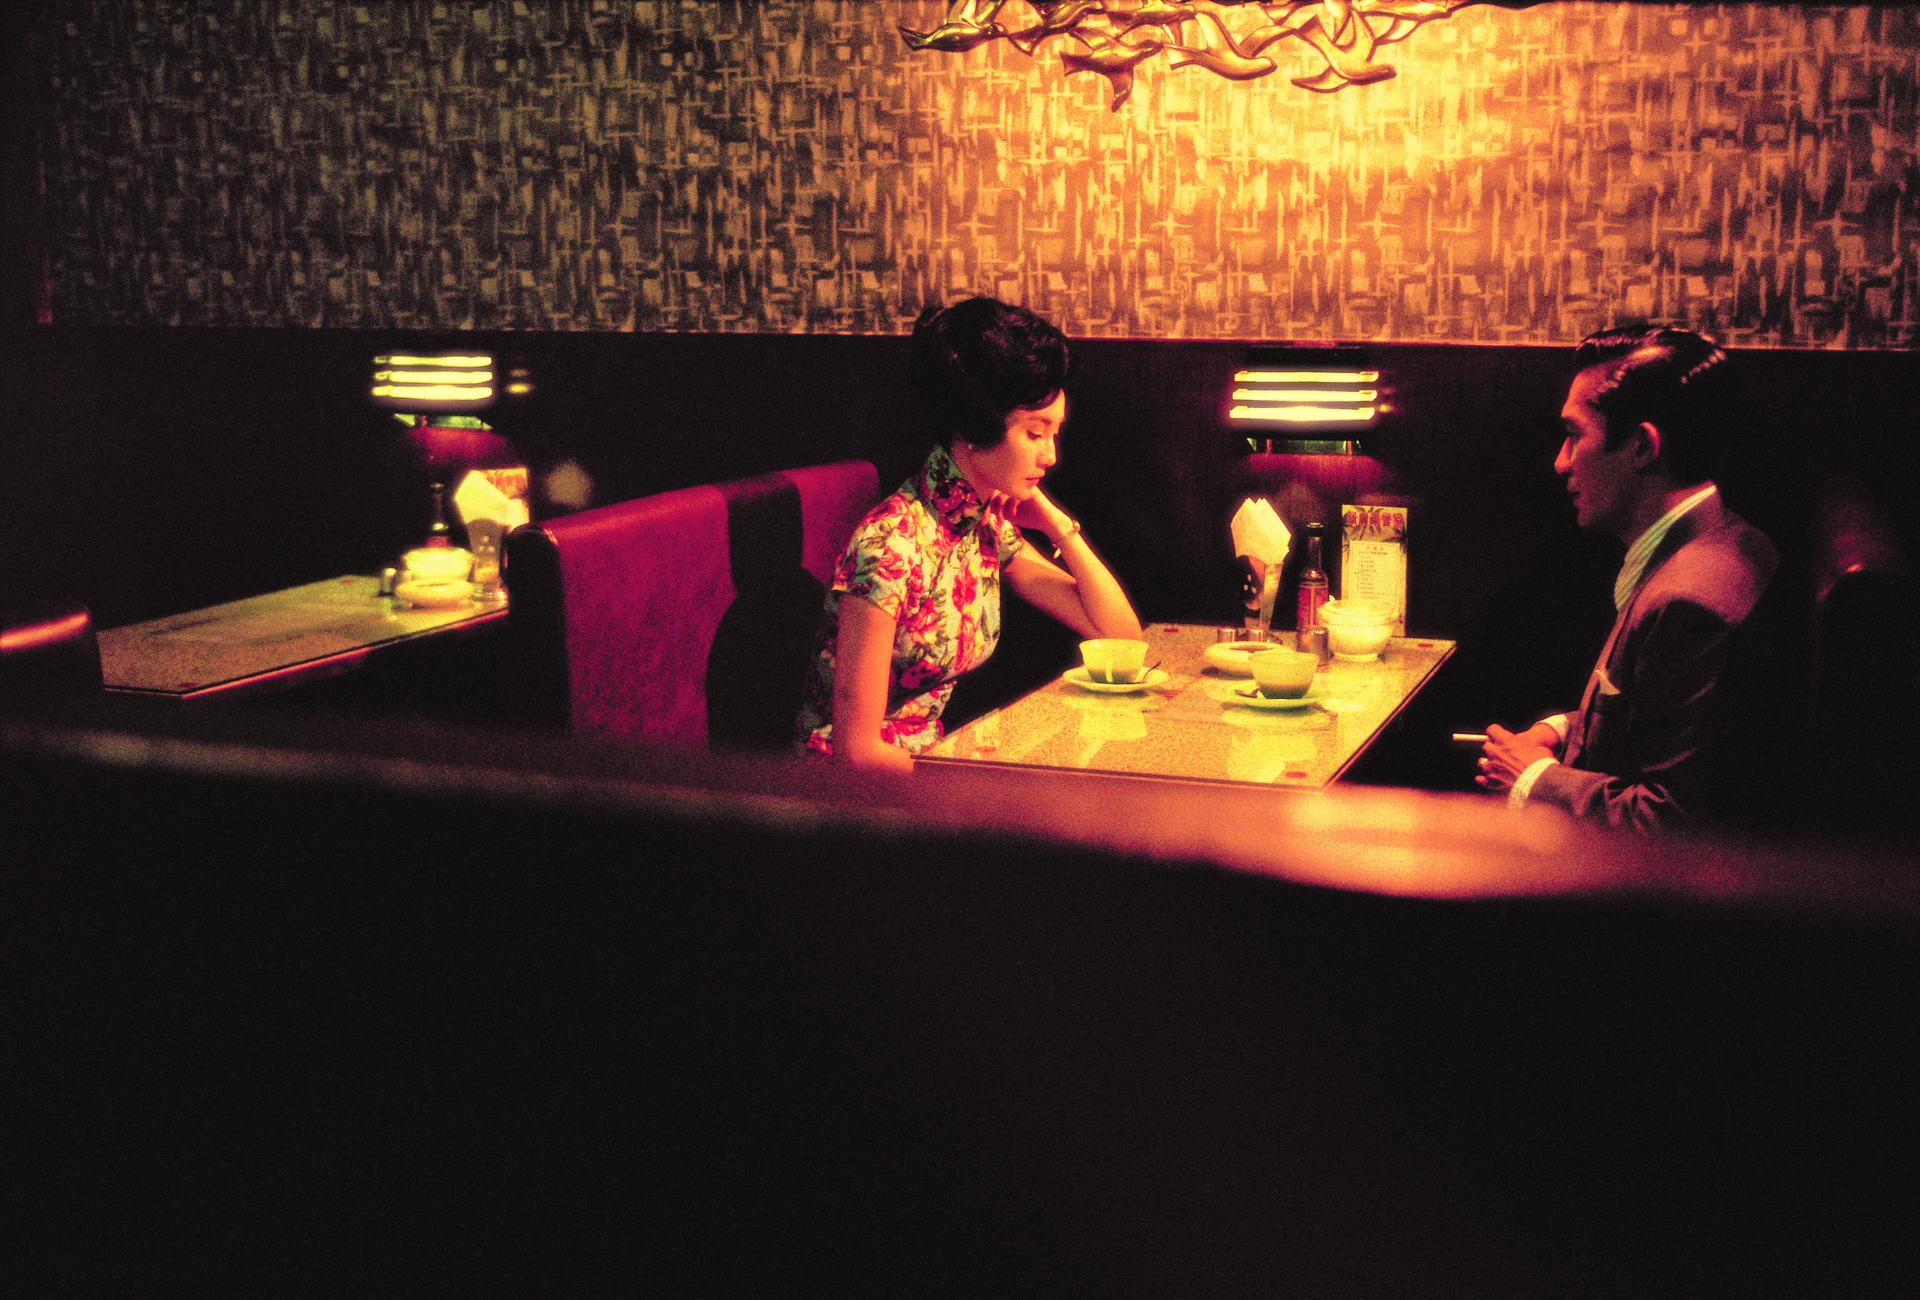 В український прокат вийде відреставрована версія кіношедевру «Любовний настрій» Вонга Карвая-Фото 3